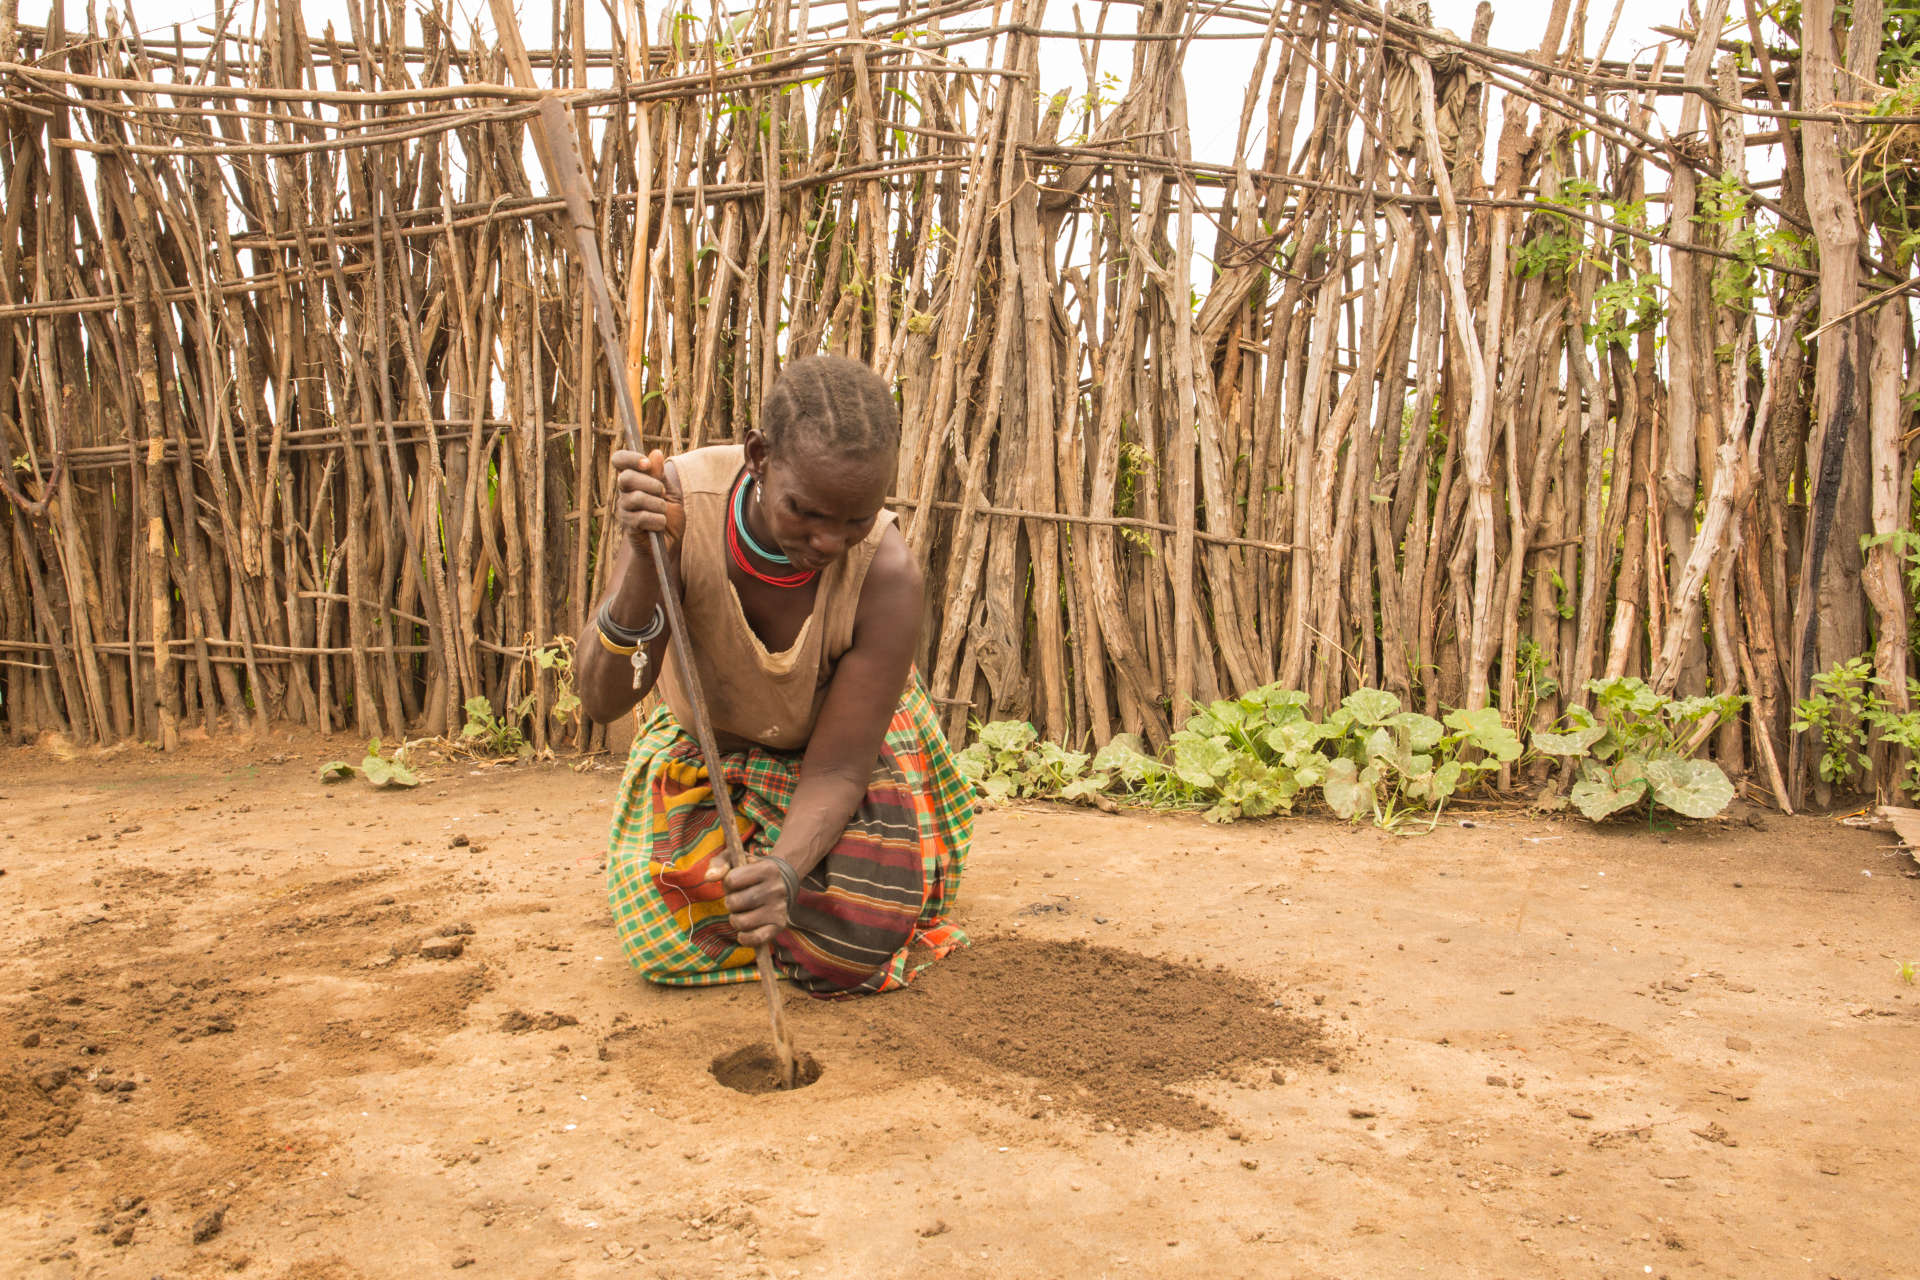 Dans la région du Karamoja, en Ouganda, Munyes, 44ans, explique qu'elle creuse un trou dans la terre et s'assoit dessus. «C'est très pratique parce que ça coûte moins cher que des serviettes hygiéniques et que parfois on n'a pas le temps d'aller jusqu'à une boutique quand les règles commencent. Je ne veux pas courir et montrer aux autres mon sang, je préfère creuser ce trou et m'y asseoir.»